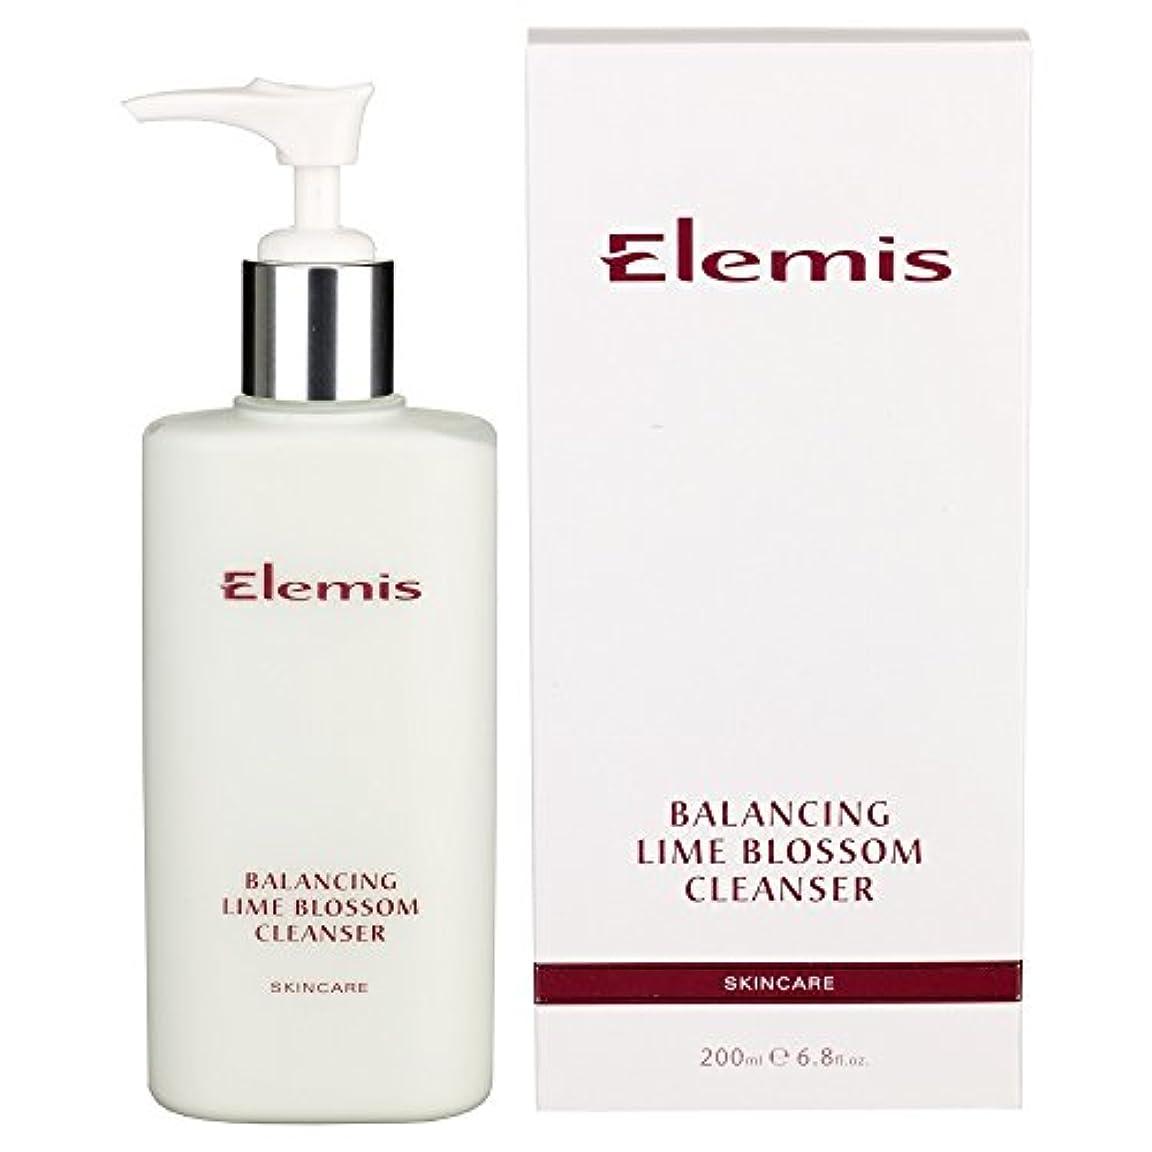 アトラス圧力なぜならライムブロッサムクレンザーのバランスをとります (Elemis) (x2) - Balancing Lime Blossom Cleanser (Pack of 2) [並行輸入品]